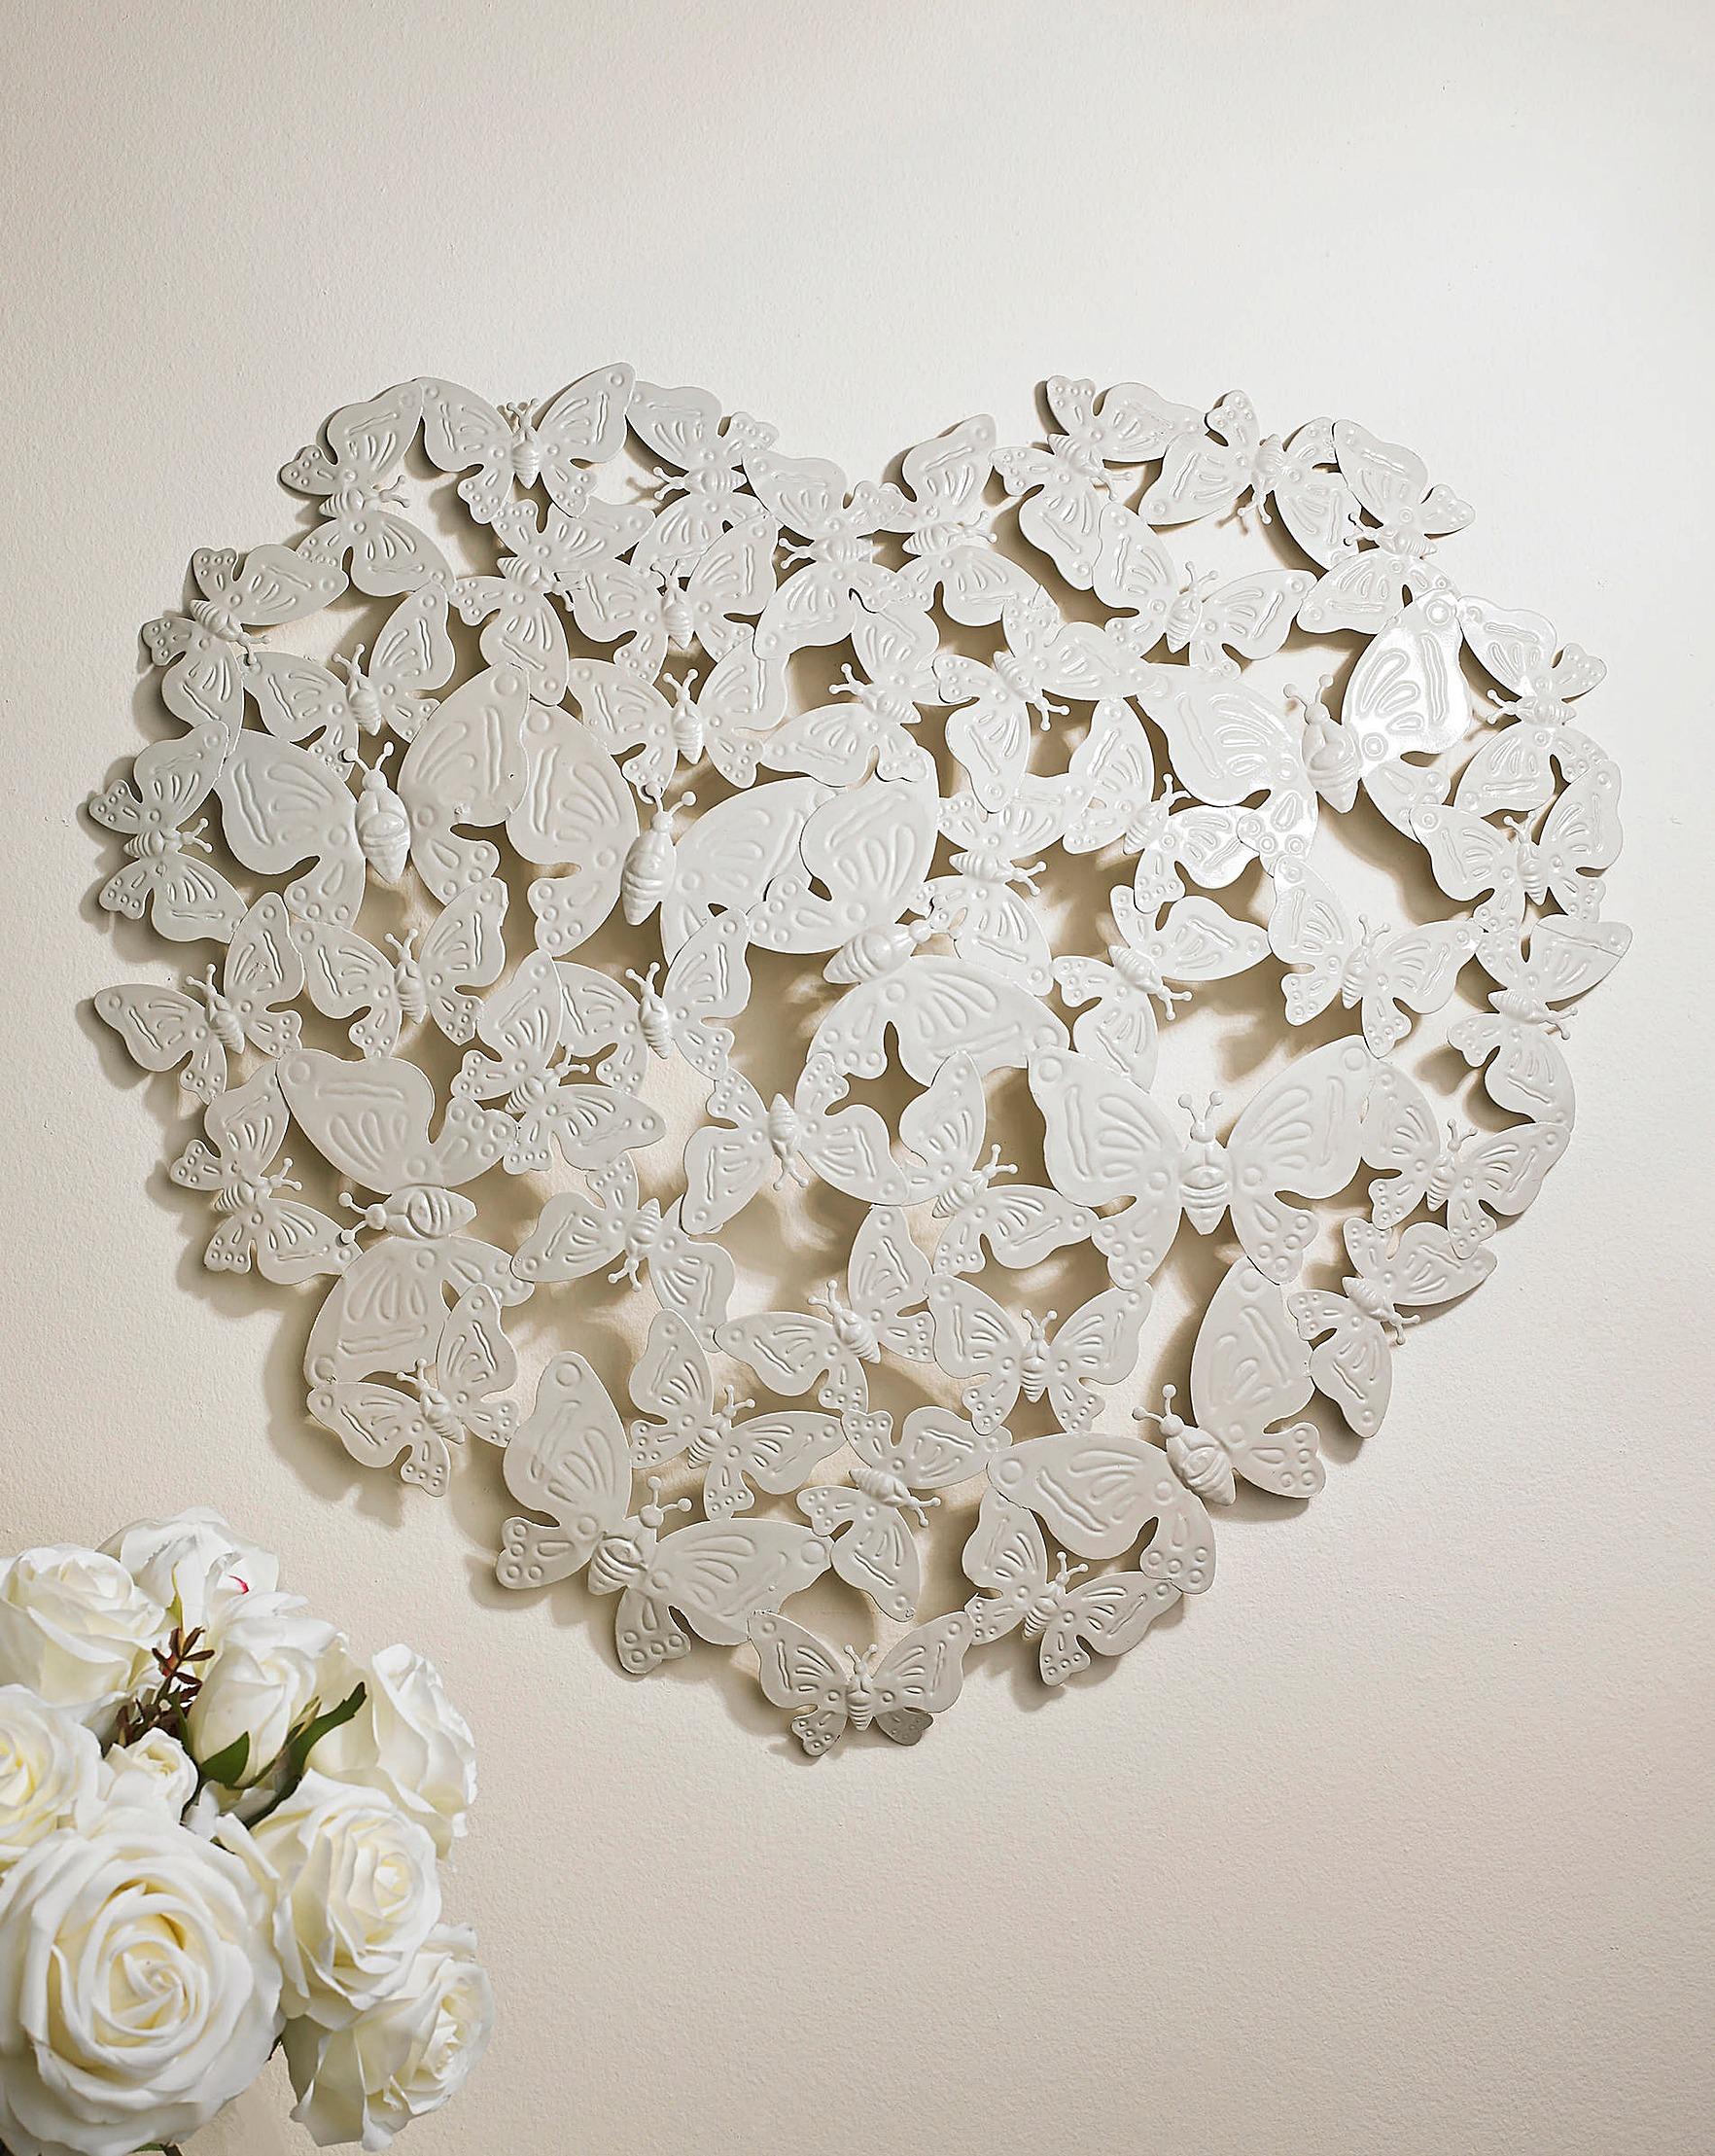 3d Butterfly Heart Wall Art J D Williams